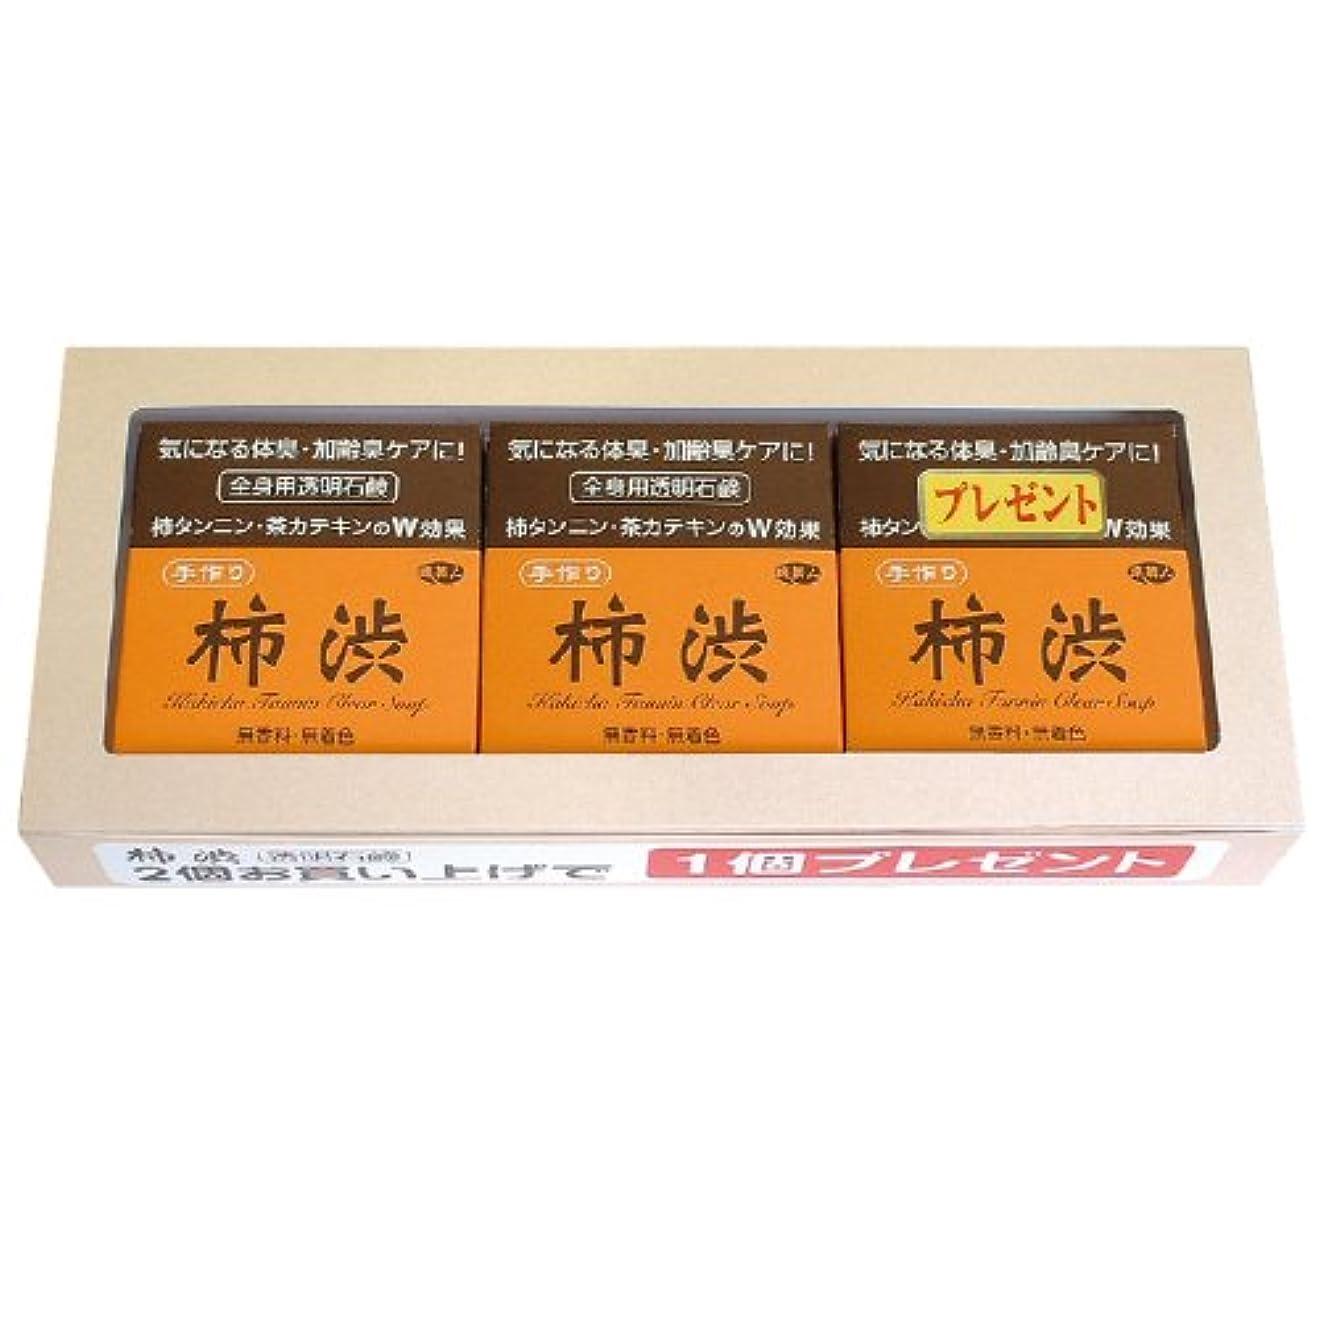 アズマ商事の 柿渋透明石鹸 2個の値段で3個入りセット